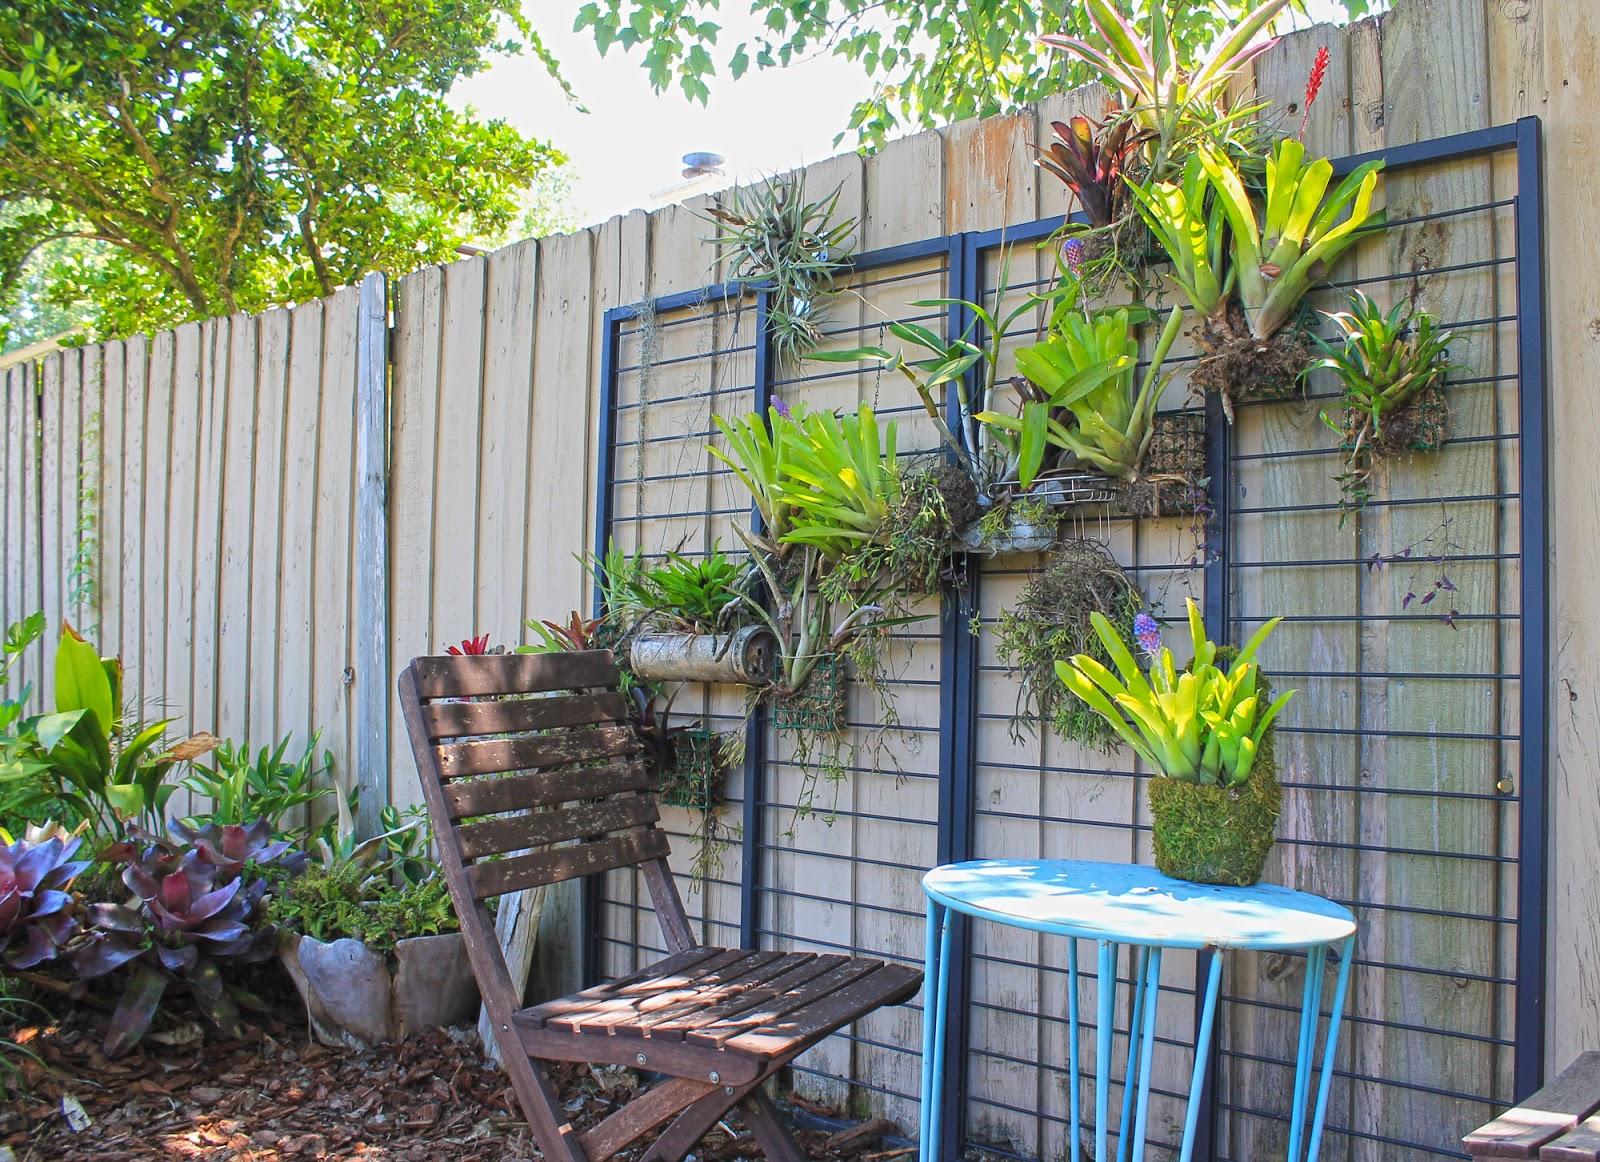 The Rainforest Garden: Make A Vertical Garden From Cheap